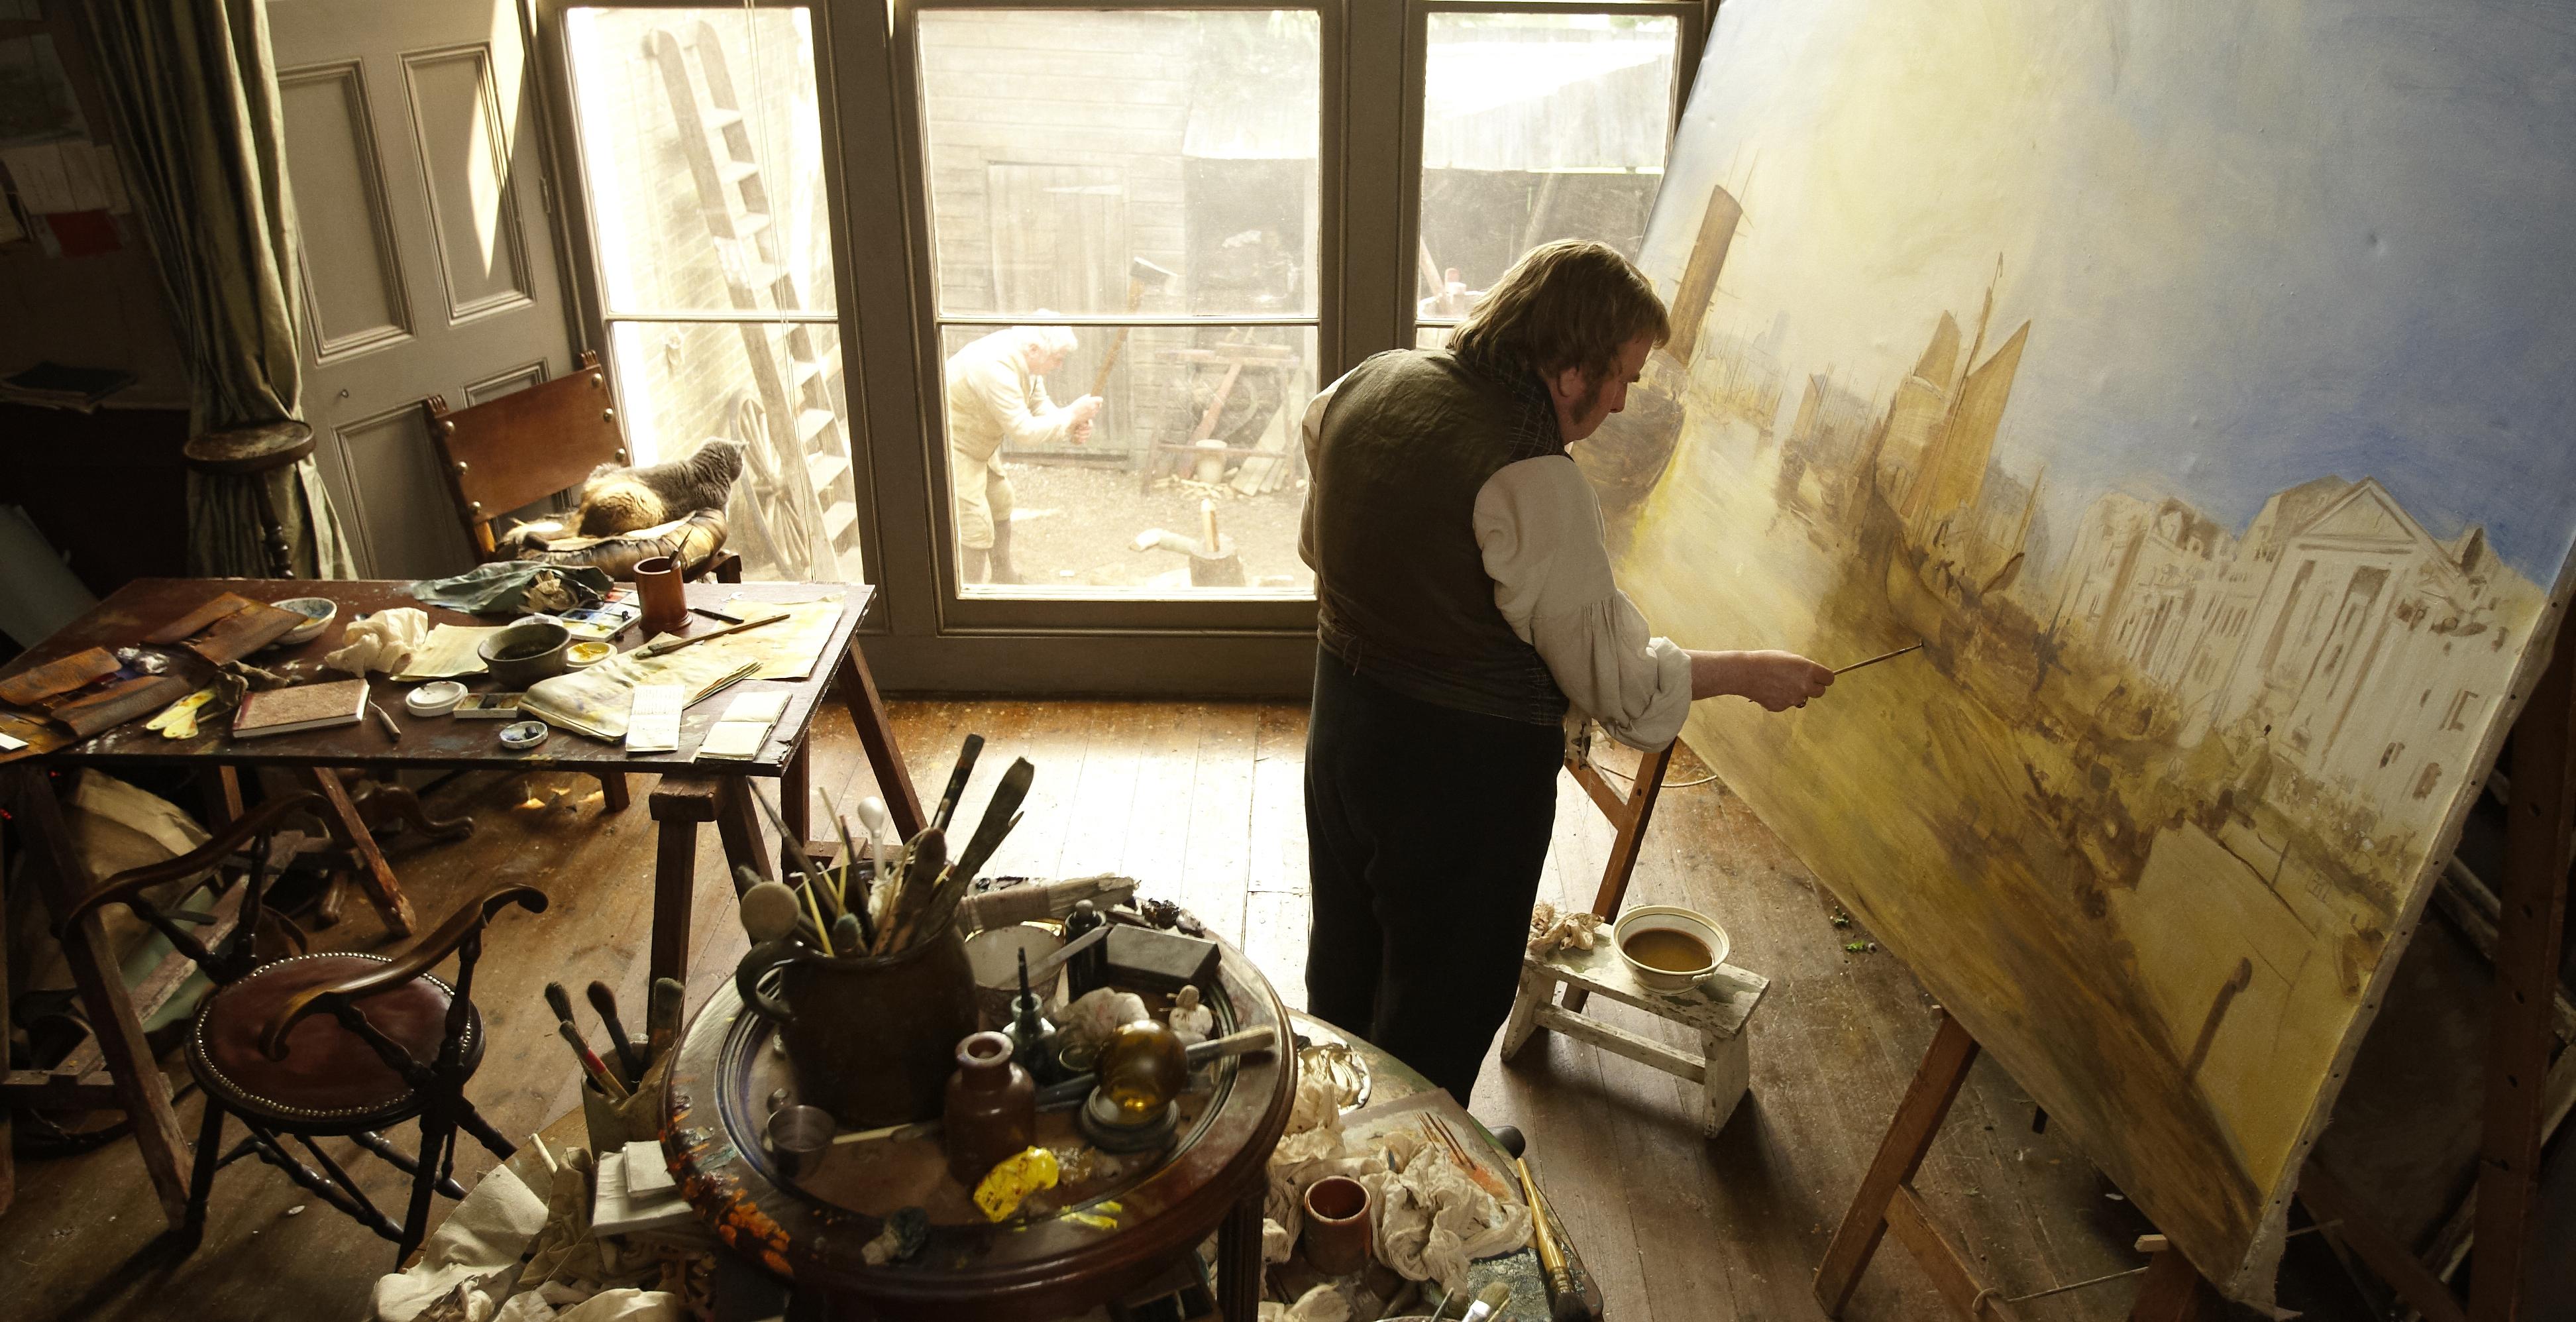 Filmy o artystach Mr. Turner